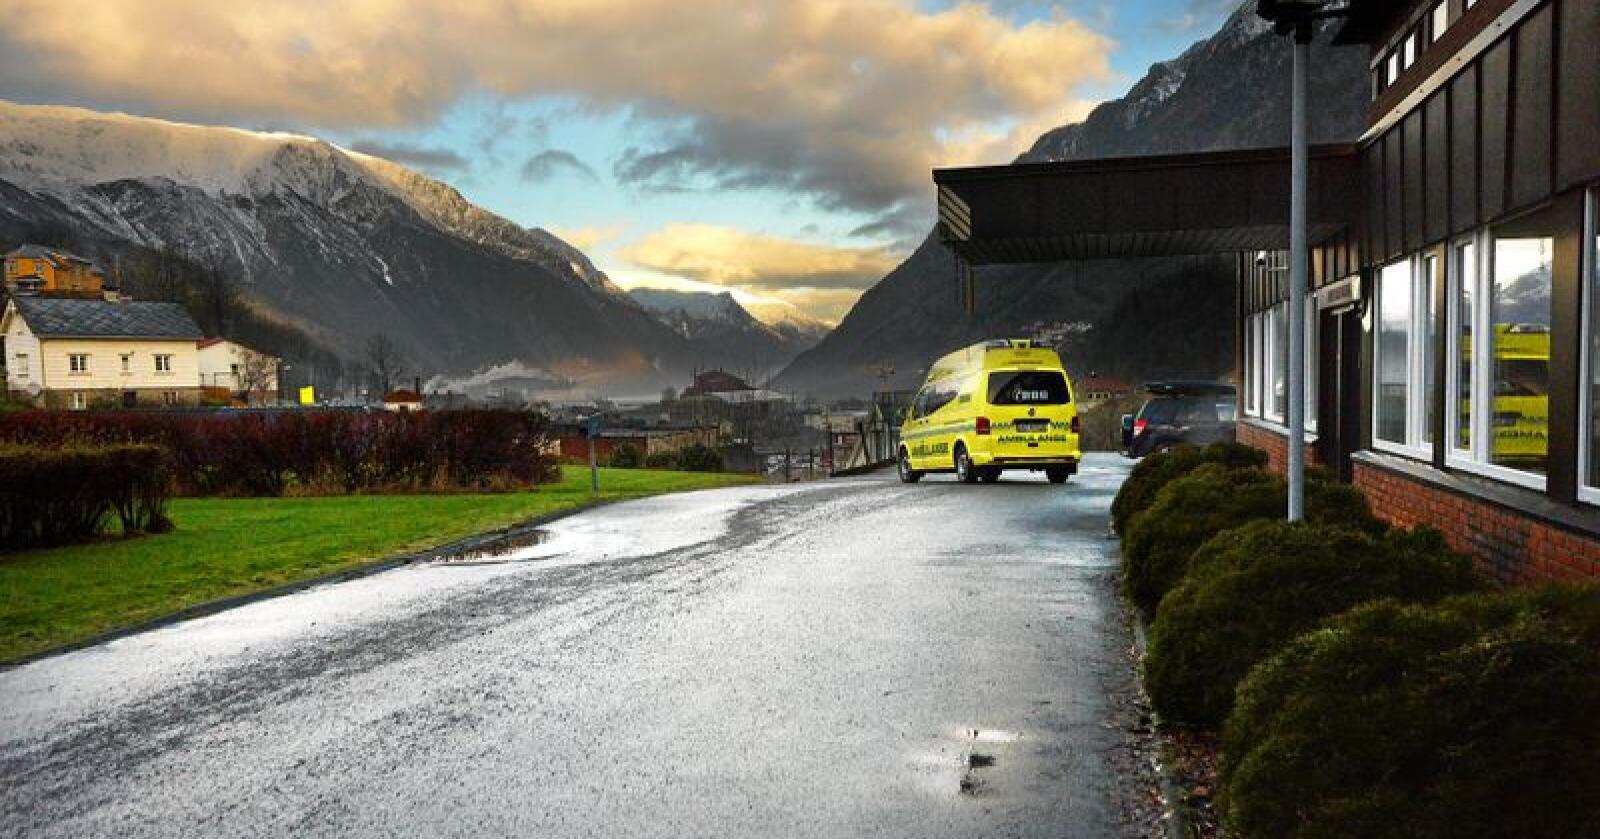 Tenester: Kampen for tenester, som ambulansetilbod, har vore viktig i mange distrikt. Foto: Siri Juell Rasmussen